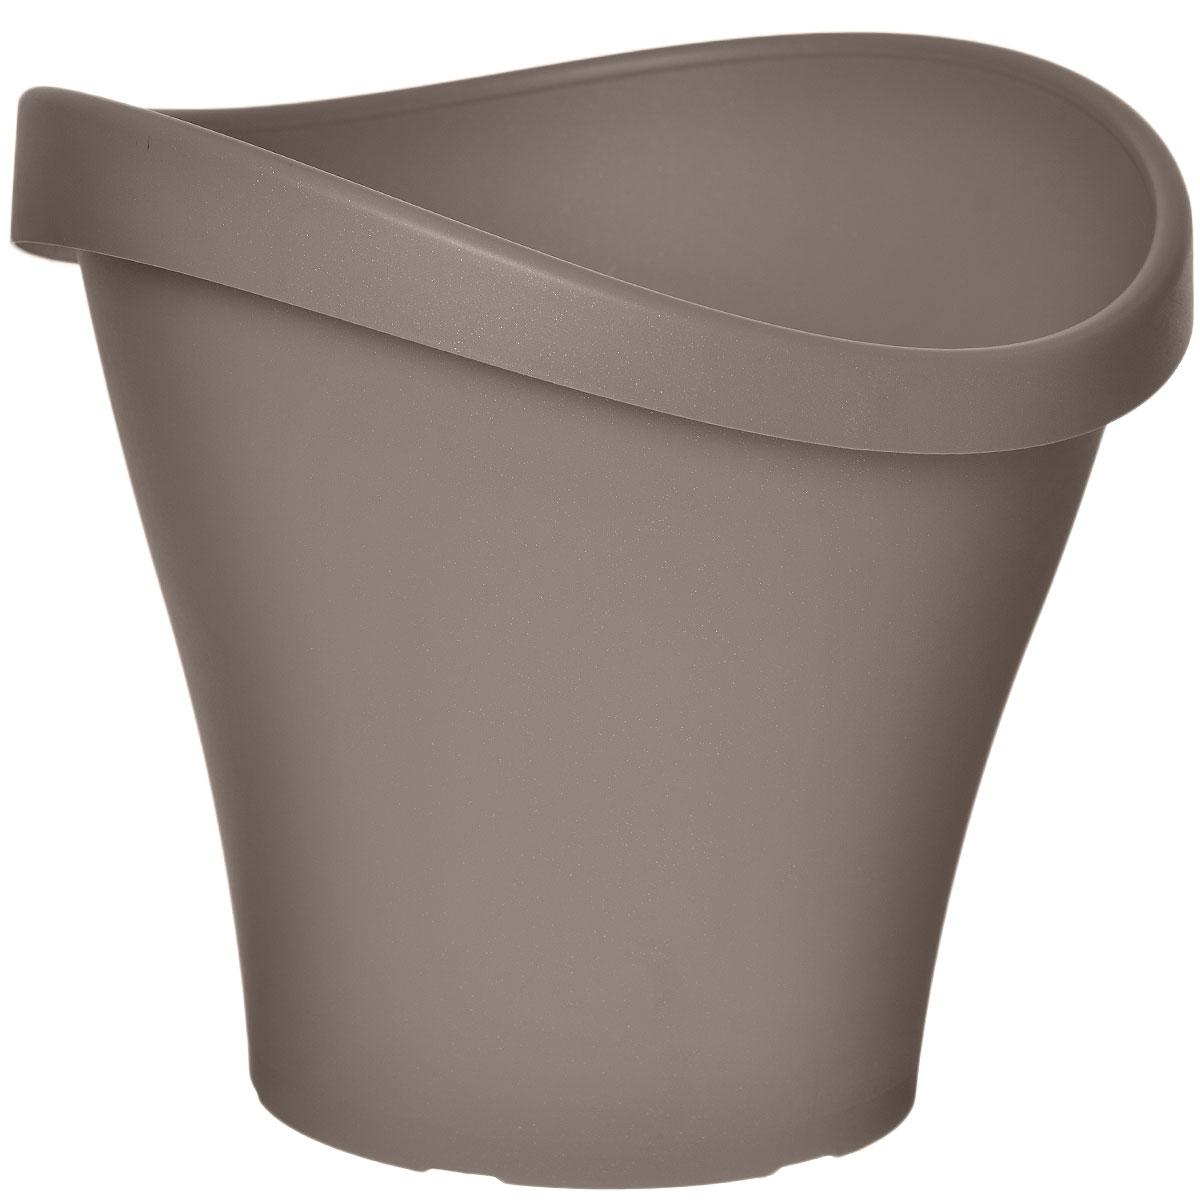 Кашпо для цветов Scheurich, цвет: натуральный коричневый, 16,9 л53068SКашпо для цветов Scheurich выполнено из прочного пластика. Изделие предназначено для установки внутрь цветочных горшков с растениями. Такие изделия часто становятся последним штрихом, который совершенно изменяет интерьер помещения или ландшафтный дизайн сада. Благодаря такому кашпо вы сможете украсить вашу комнату, офис, сад и другие места. Размер: 40 см х 40 см х 35 см. Объем: 16,9 л.